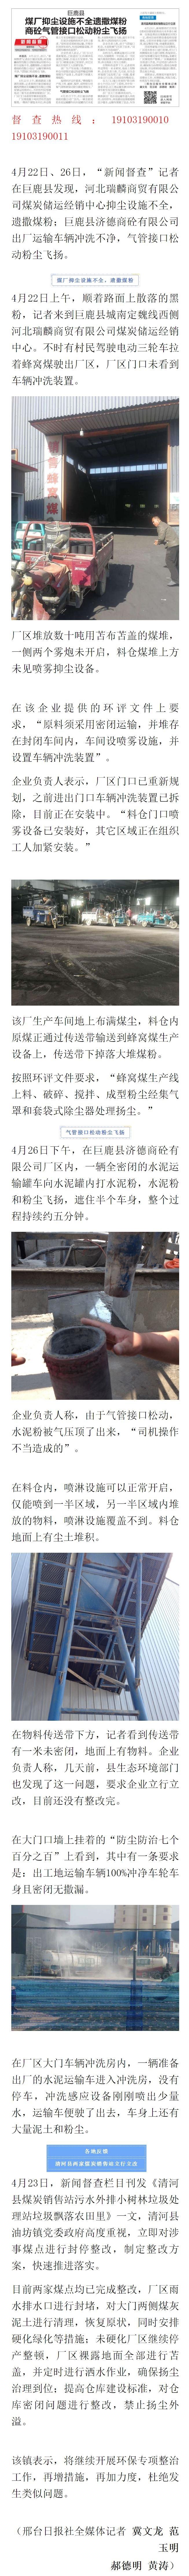 邢台新闻督查:巨鹿县煤厂抑尘设施不全遗撒煤粉,商砼气管接口松